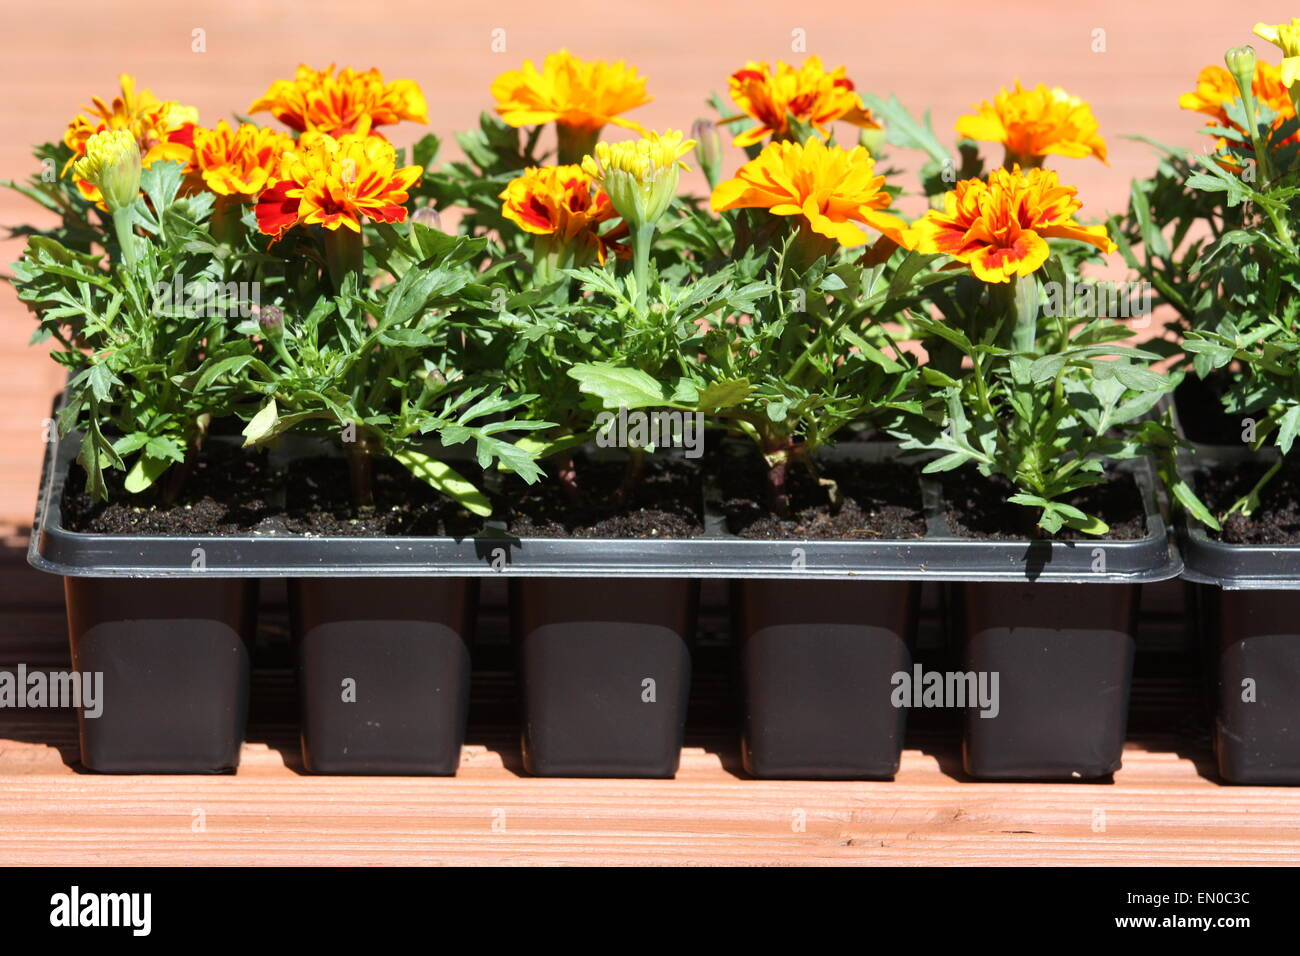 Marigold flowering plants in pots in garden Stock Photo